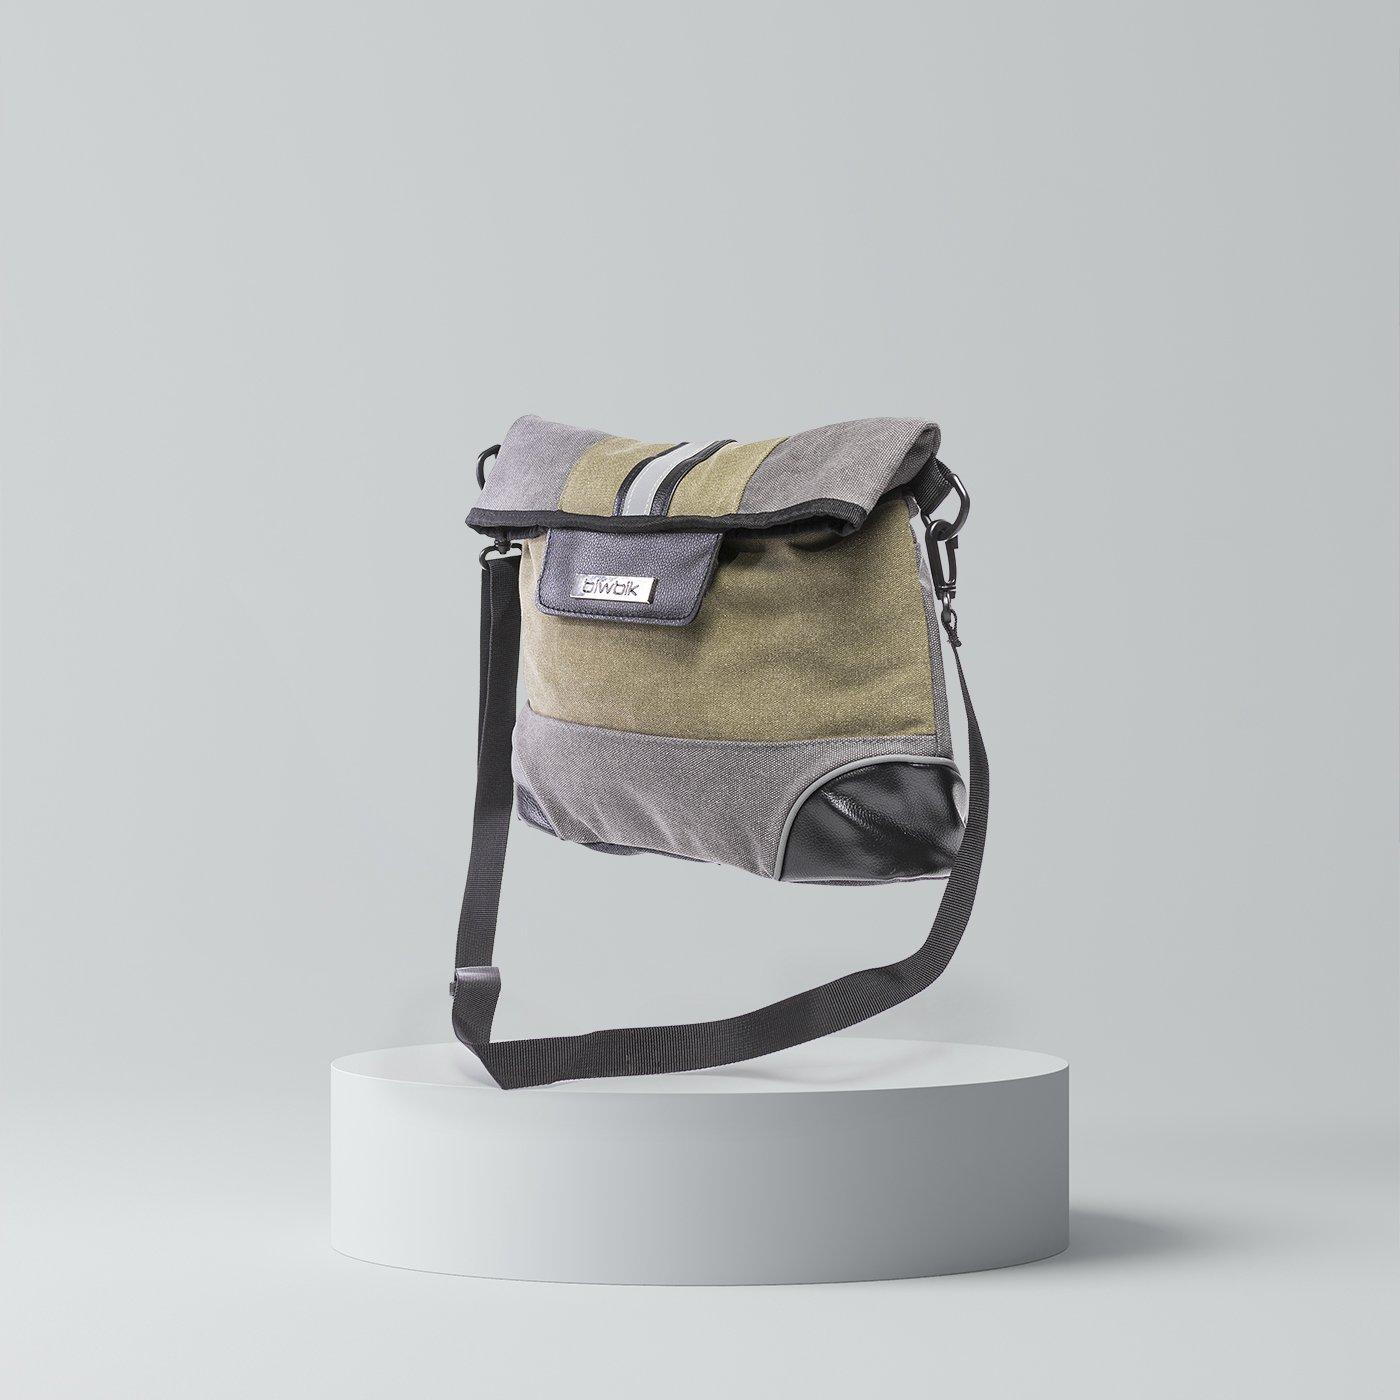 Biwbik Front Bag